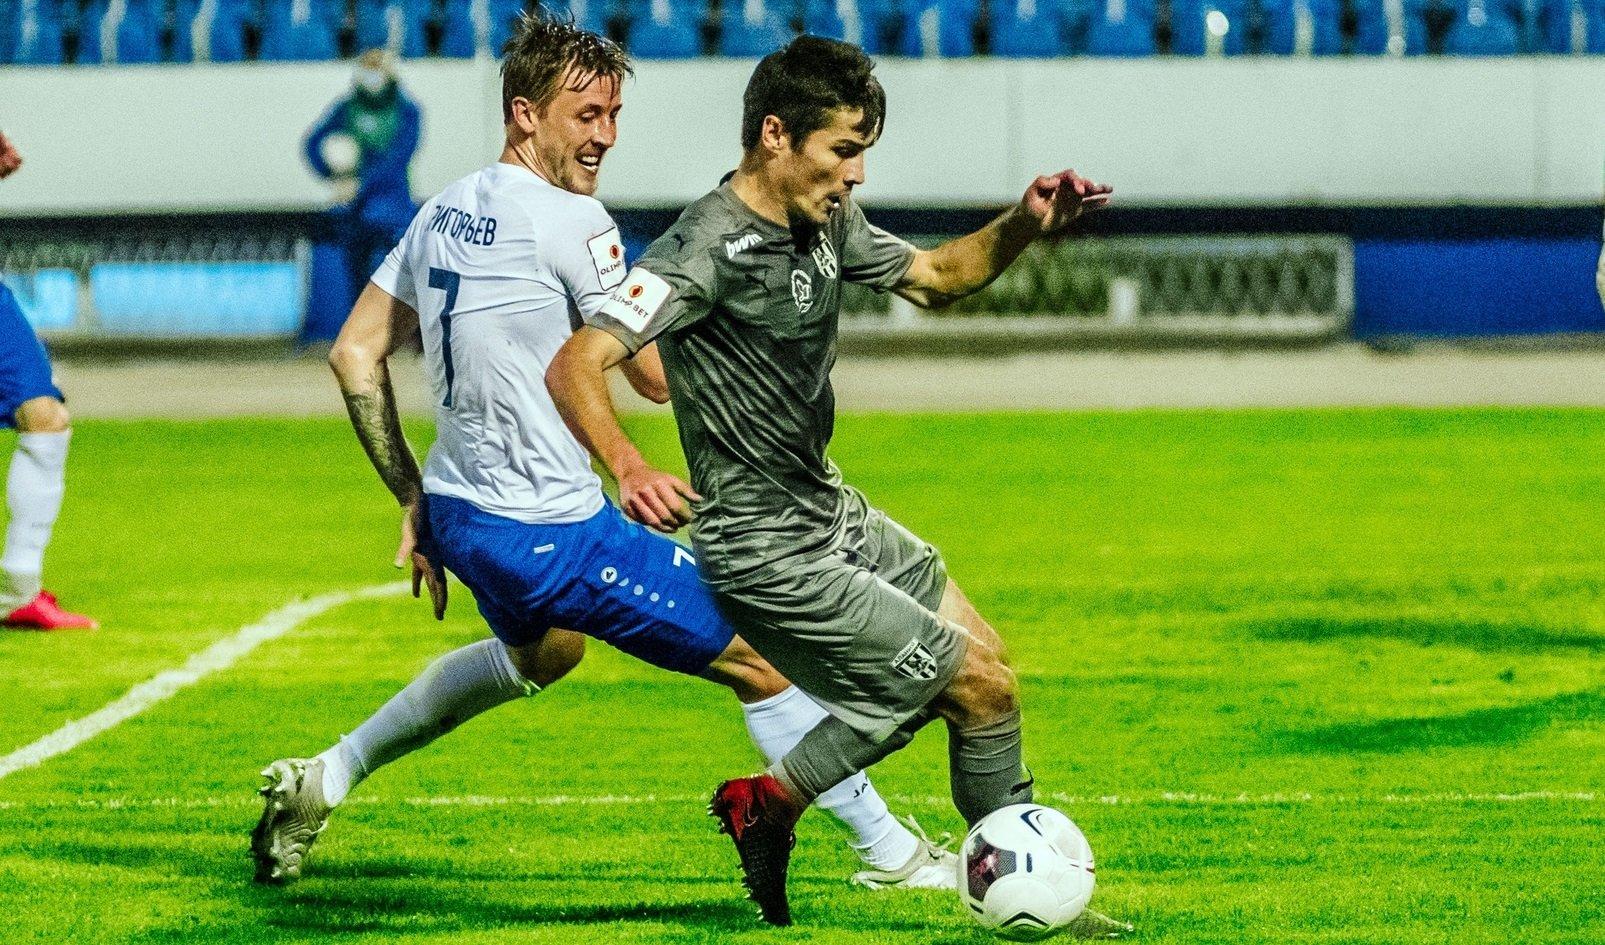 Инфарктная гонка за РПЛ и жгучий матч во Владикавказе. Кто из фаворитов оступится?